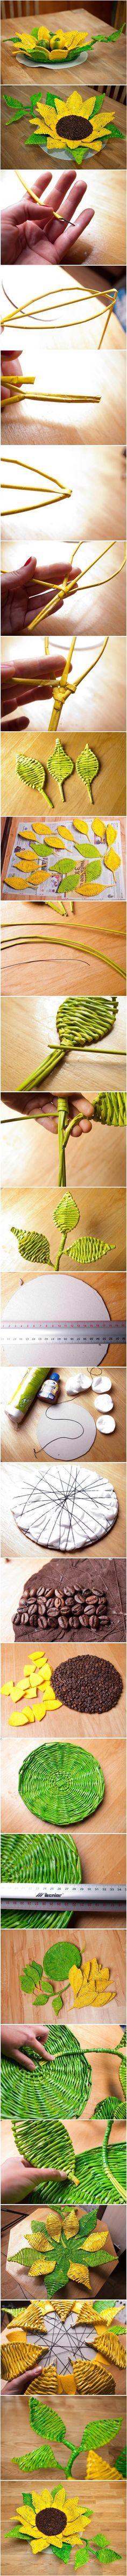 DIY Paper Woven Sunflower Tray | iCreativeIdeas.com Follow Us on Facebook --> https://www.facebook.com/icreativeideas